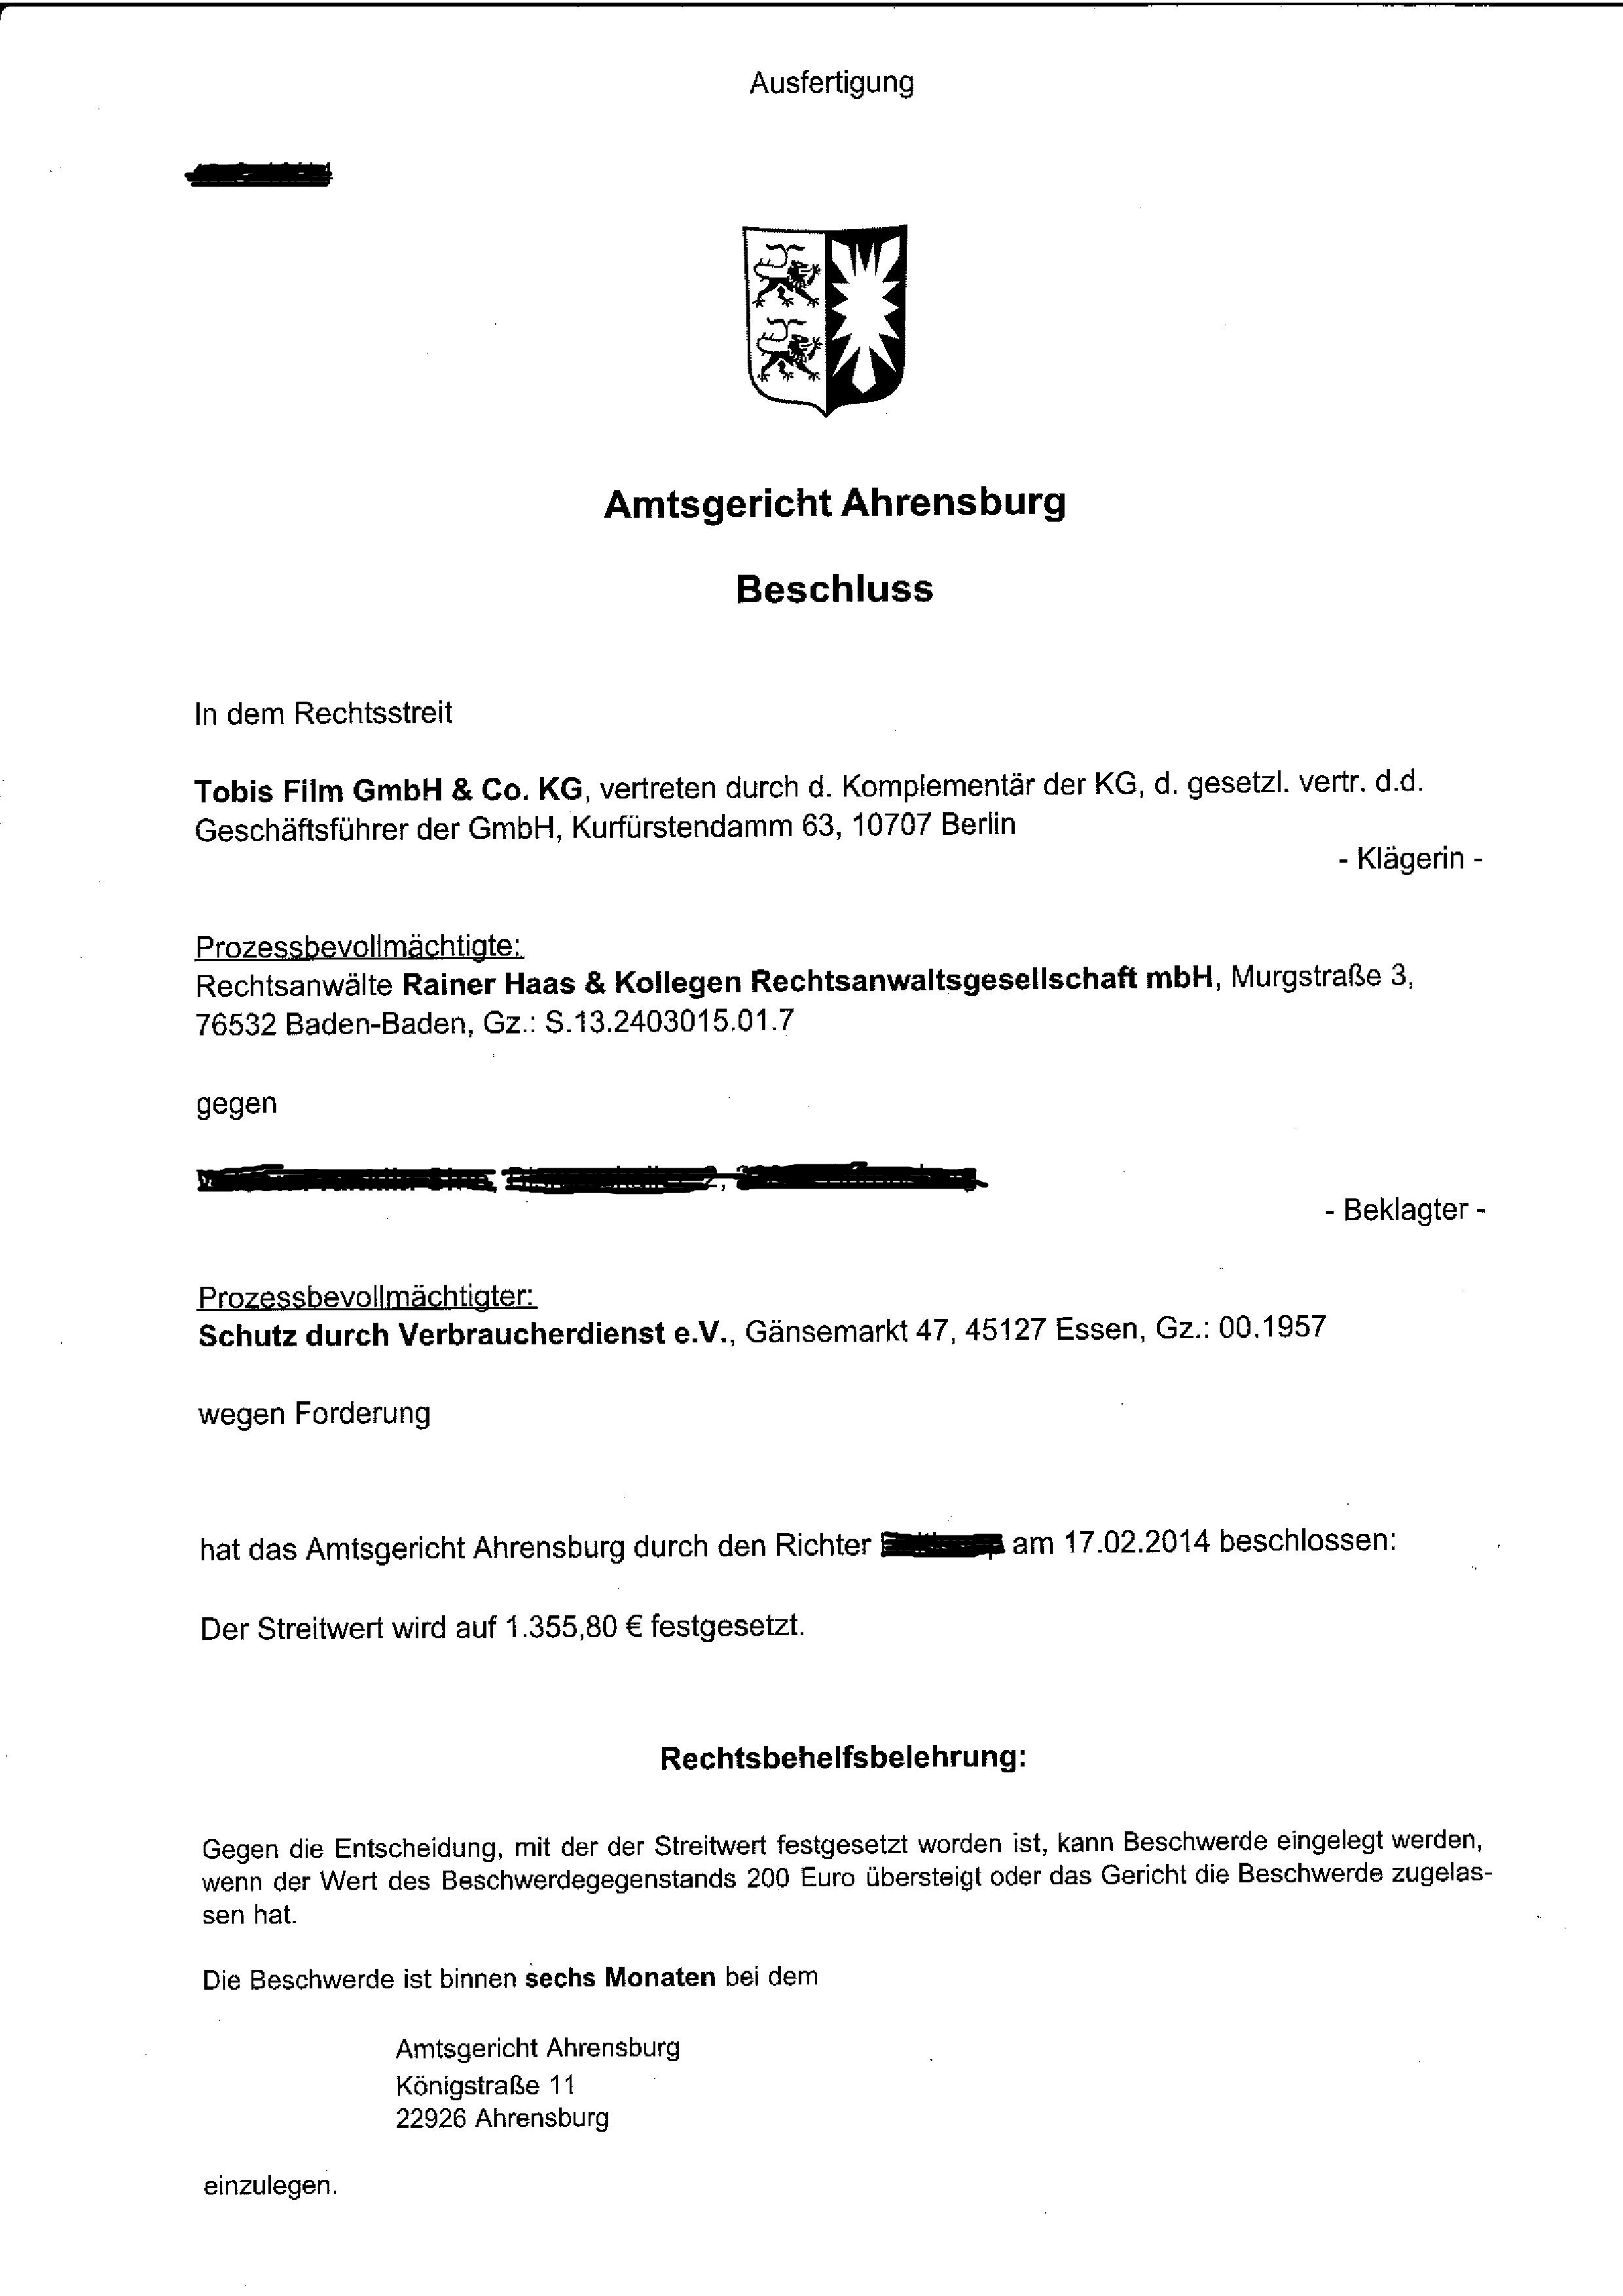 haas kollegen_beschluss - Einspruch Gegen Versaumnisurteil Muster